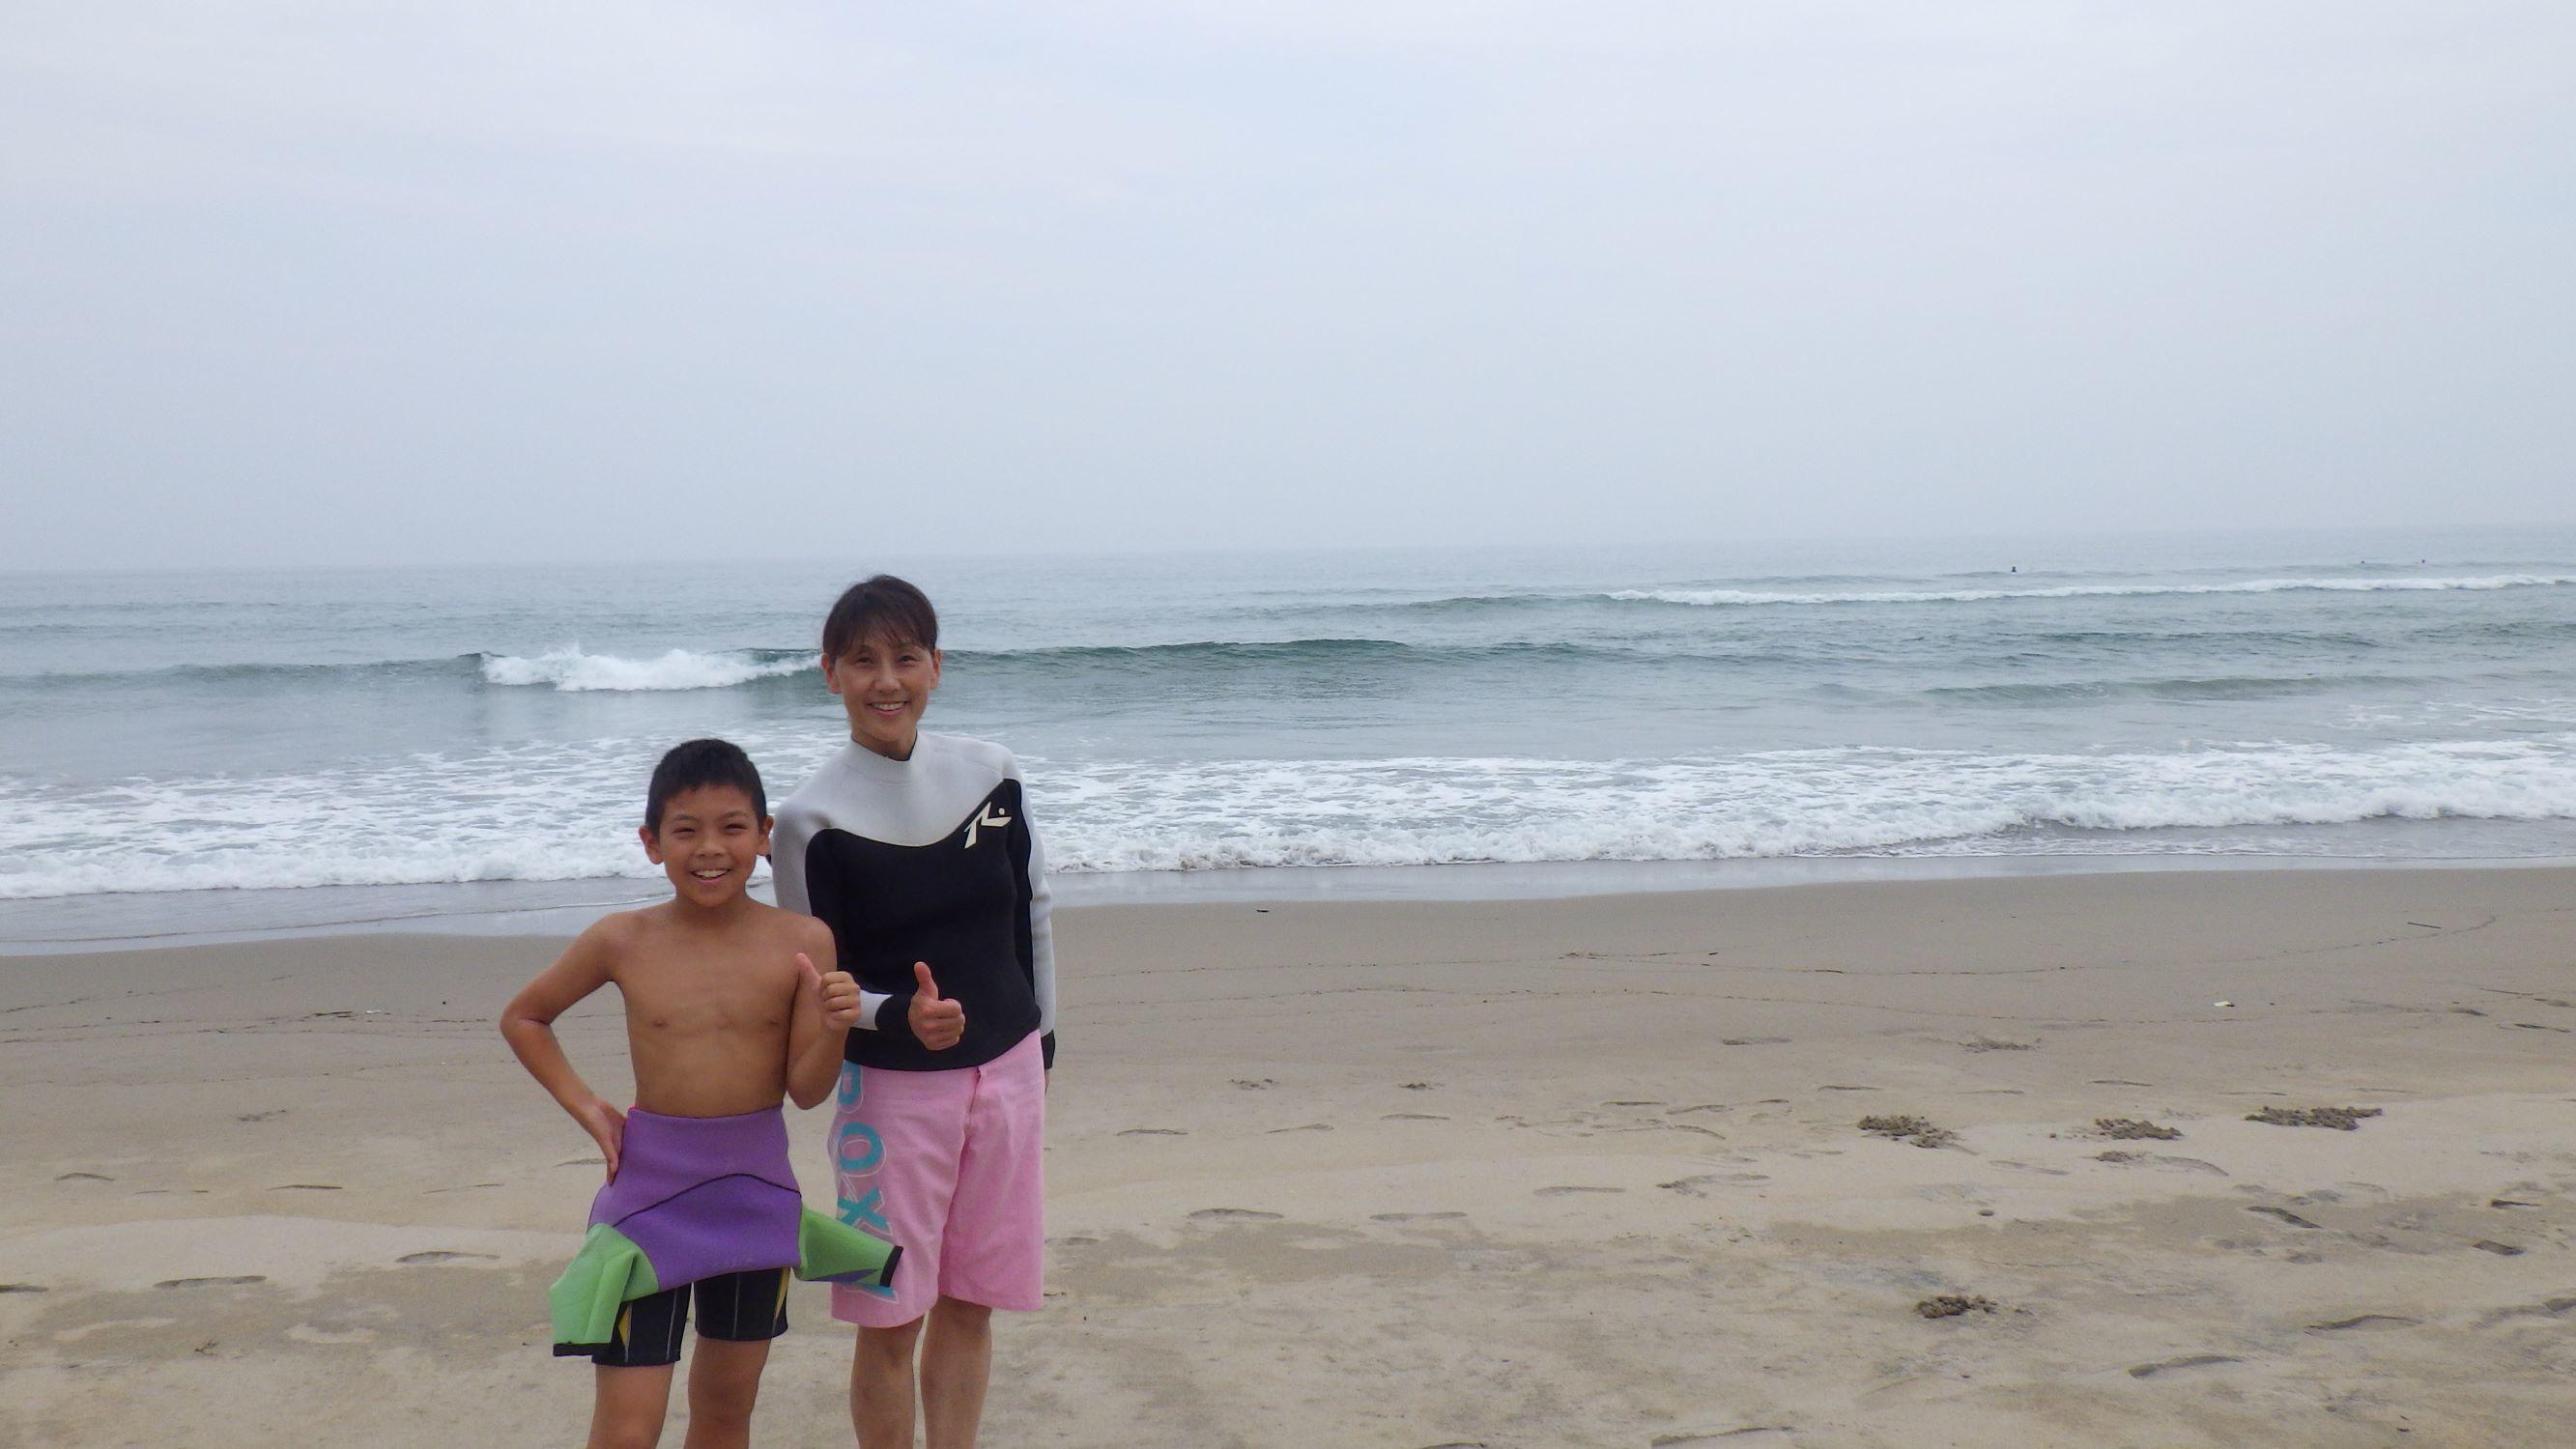 お母さんと一緒にサーフィンを楽しもう_f0009169_07365953.jpg